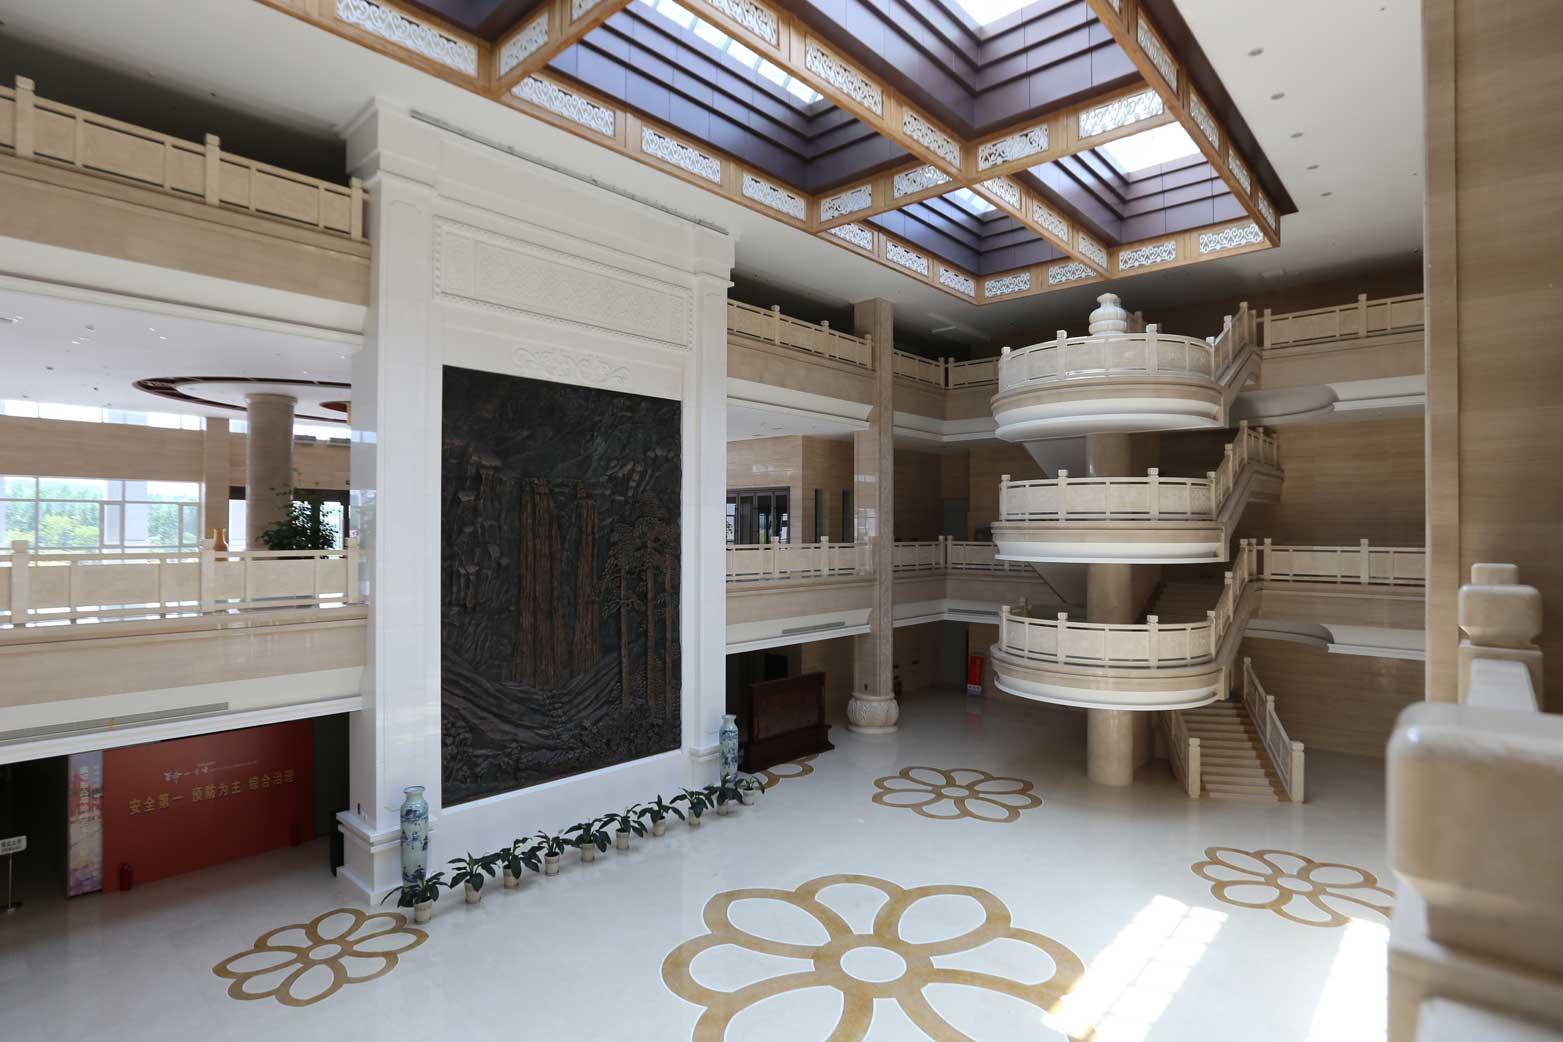 延辺朝鮮族自治州60周年にできた延辺博物館と朝鮮族の冷めた関係_b0235153_11214778.jpg